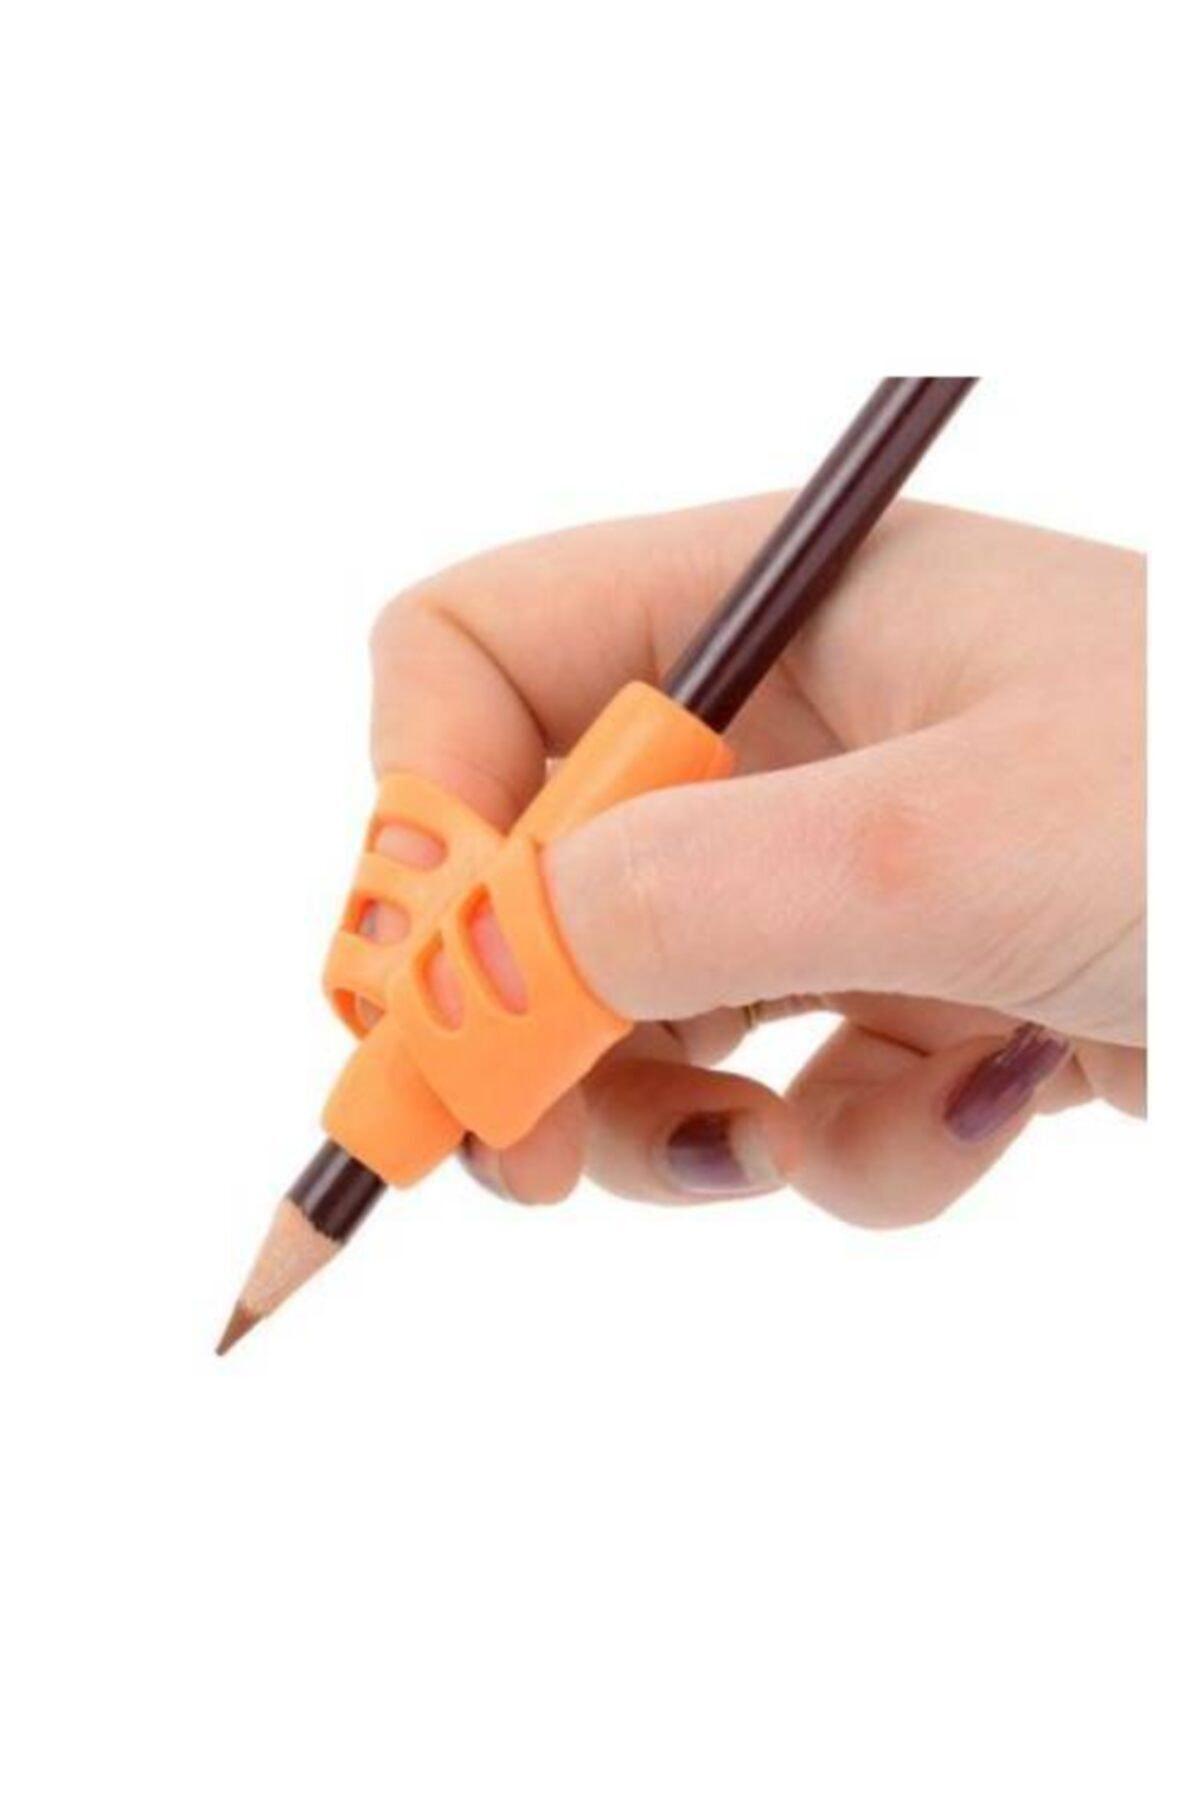 Kalem Tutamağı 4 Adet Set Tutamaç Tutma Tutamak Kavrama Yazı Yazma Tutuş Düzeltme Öğrenmeye Yardımcı